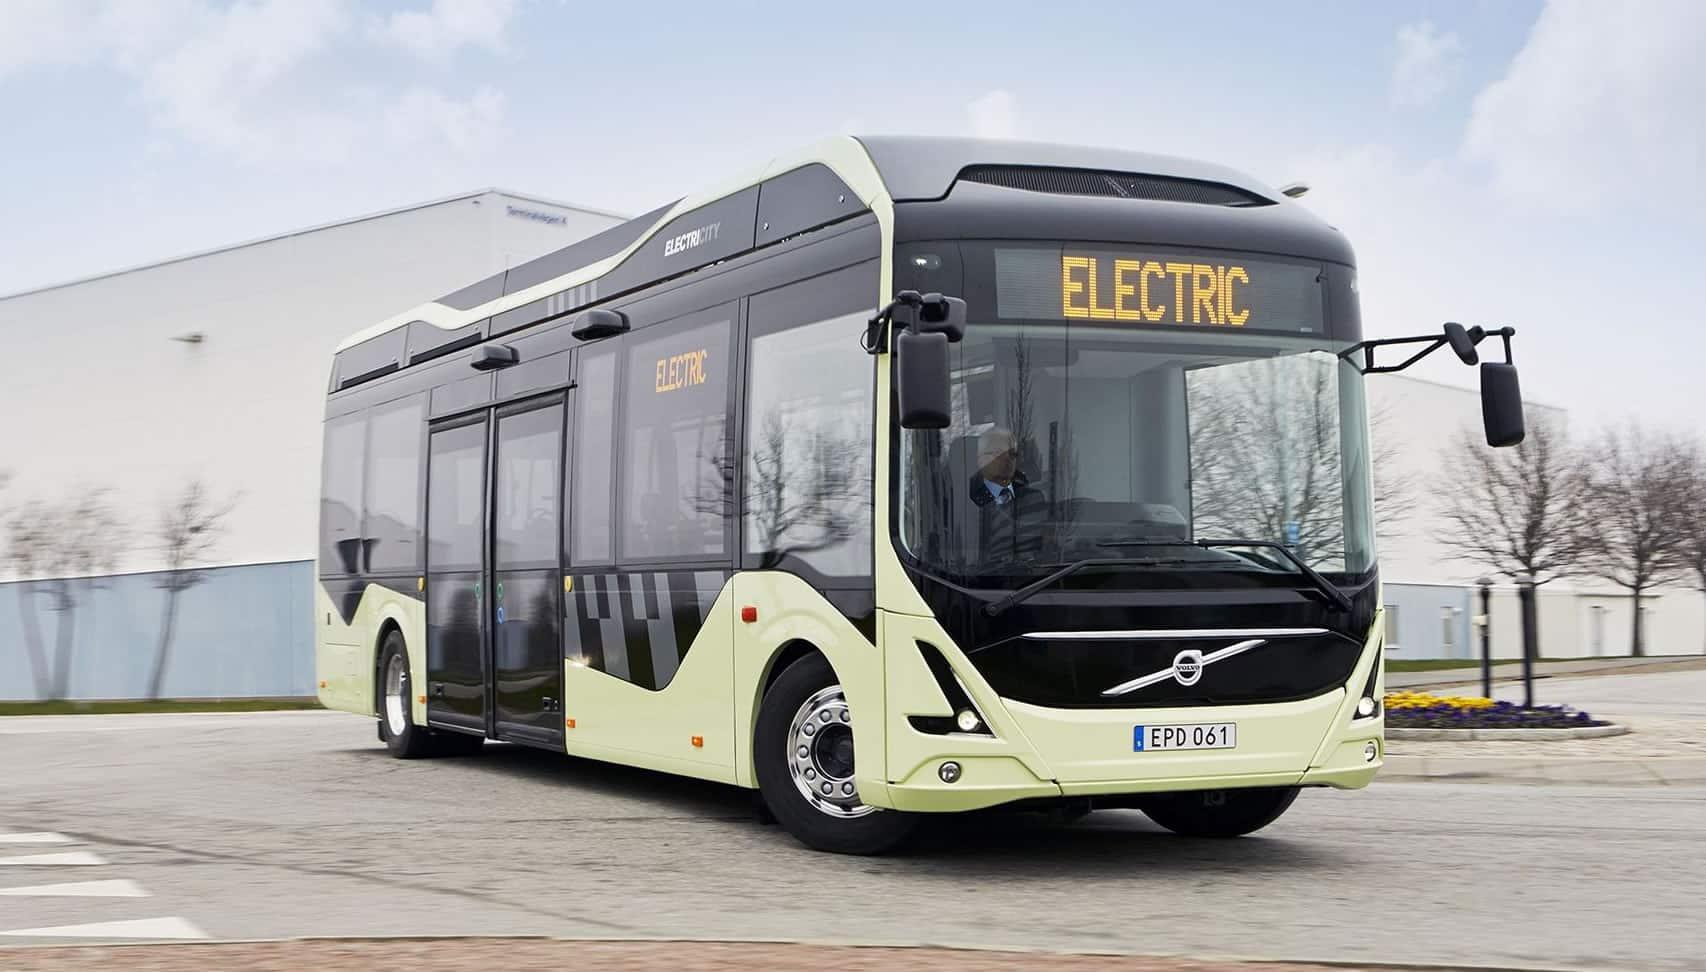 Un ejemplo de transporte eléctrico introducido en Suecia.